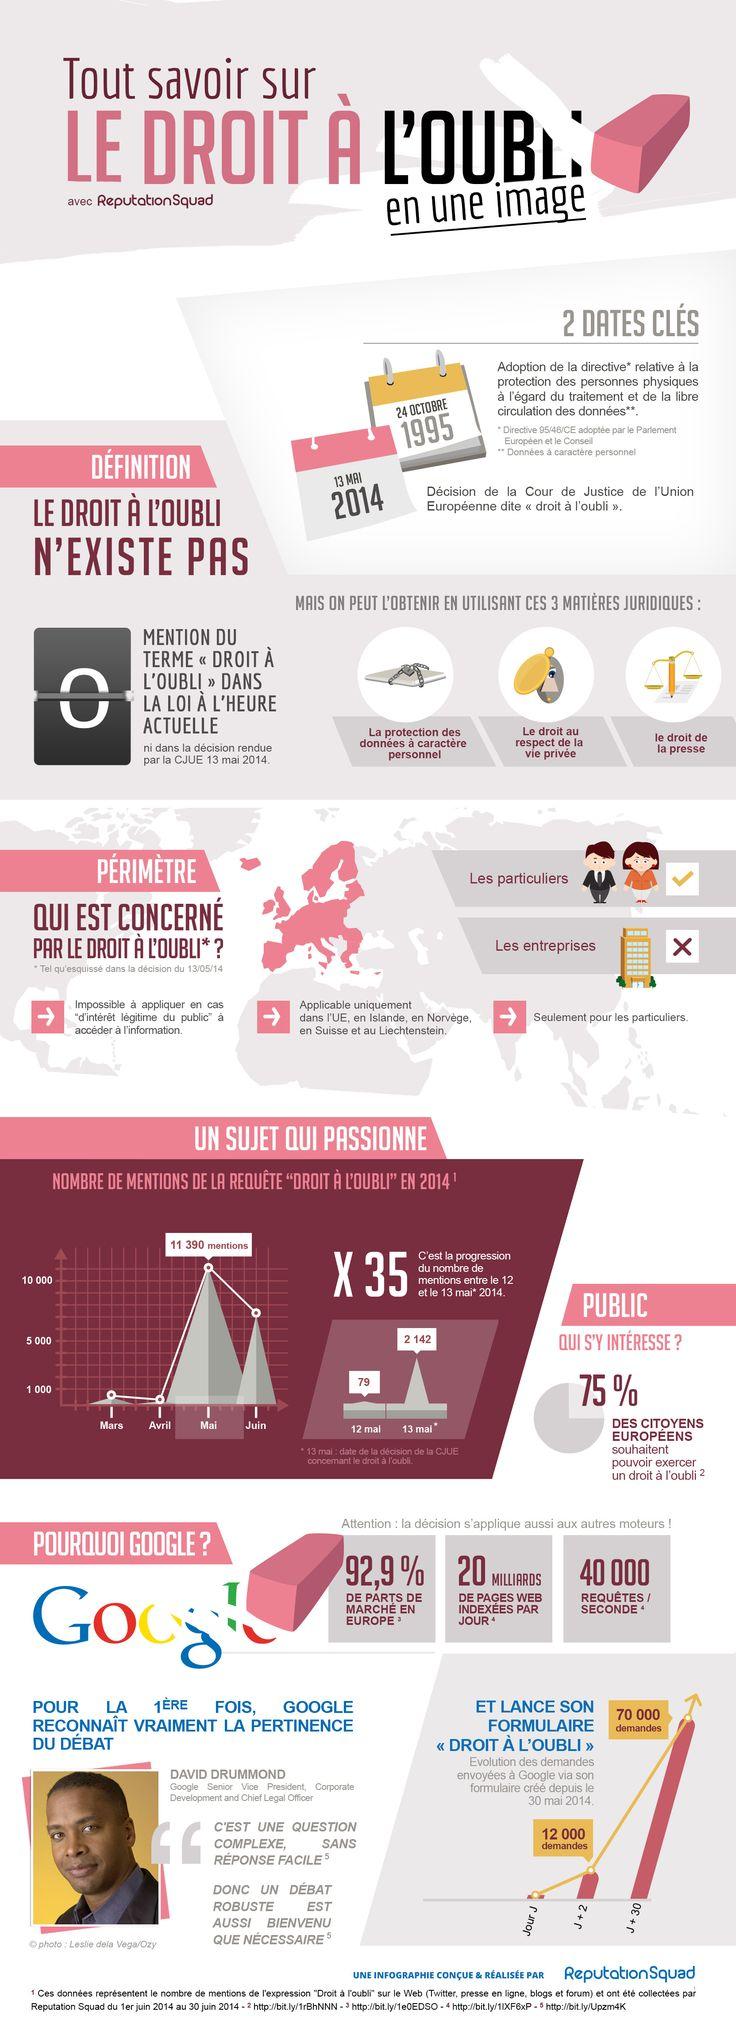 Infographie sur le droit à l'oubli et les fonctionnalités Google liées. Via Reputation Squad et Abondance